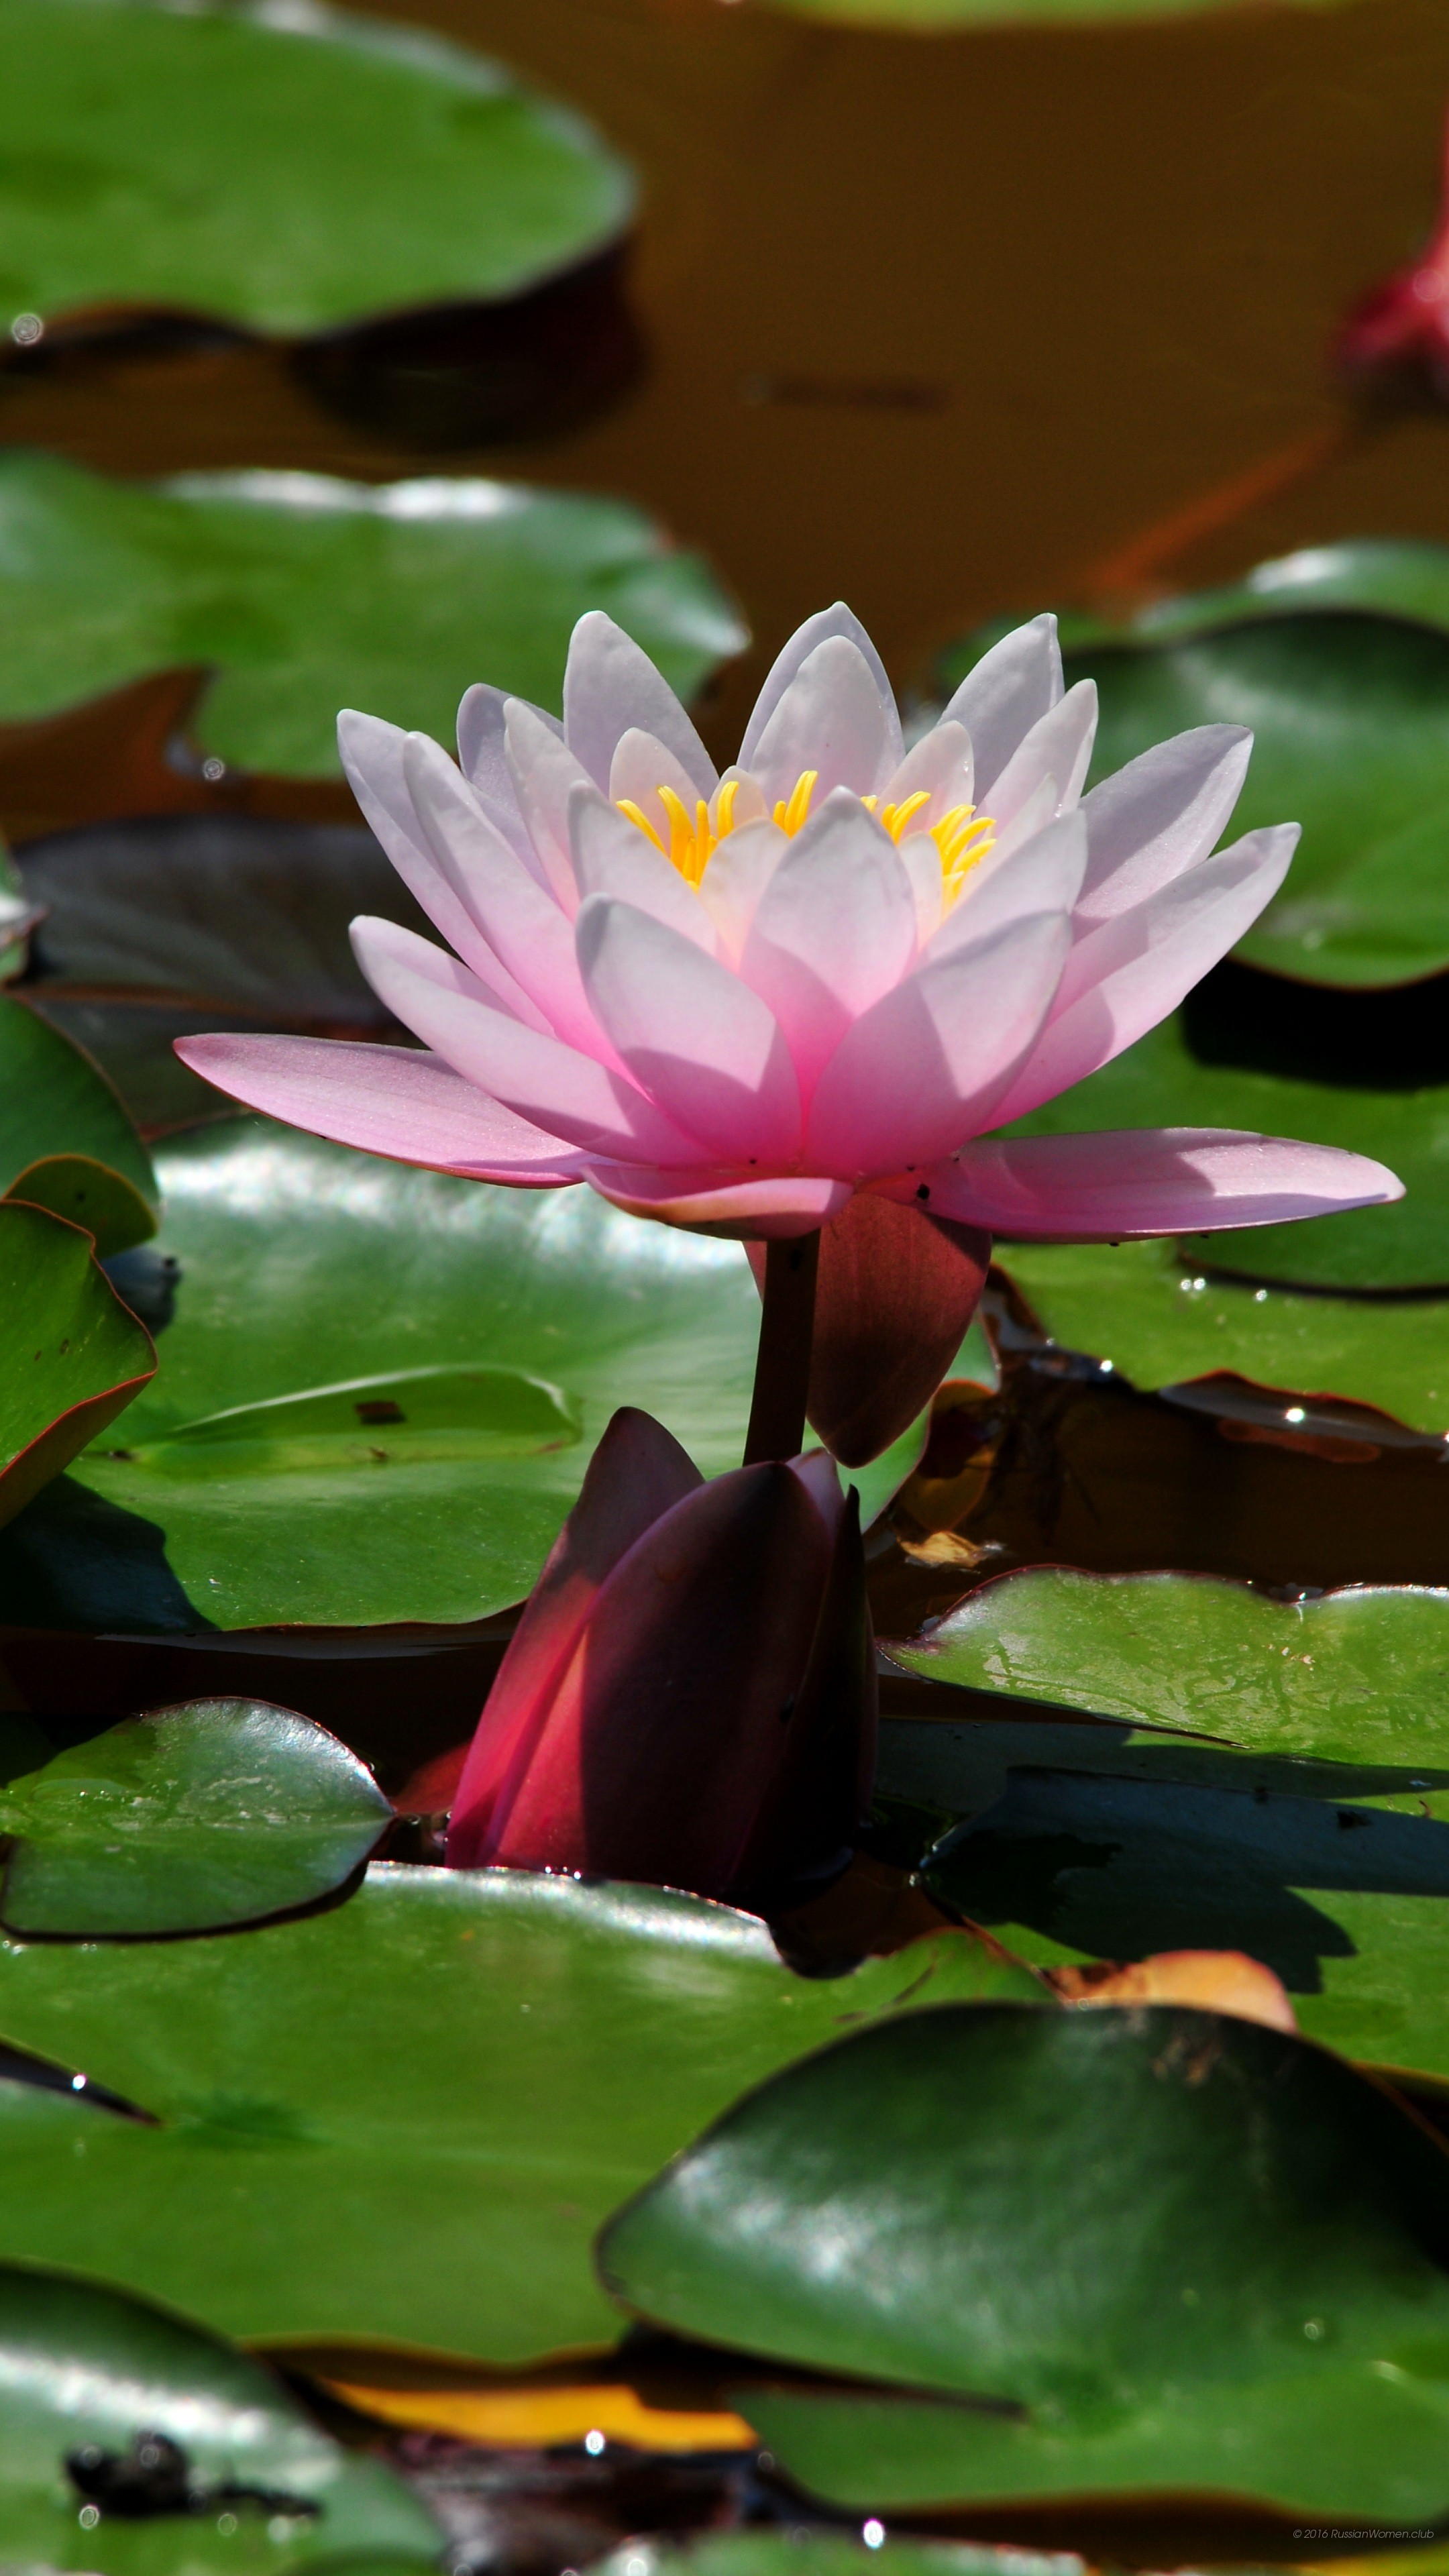 Sfondi desktop fiori 43 immagini for Sfondi desktop fiori